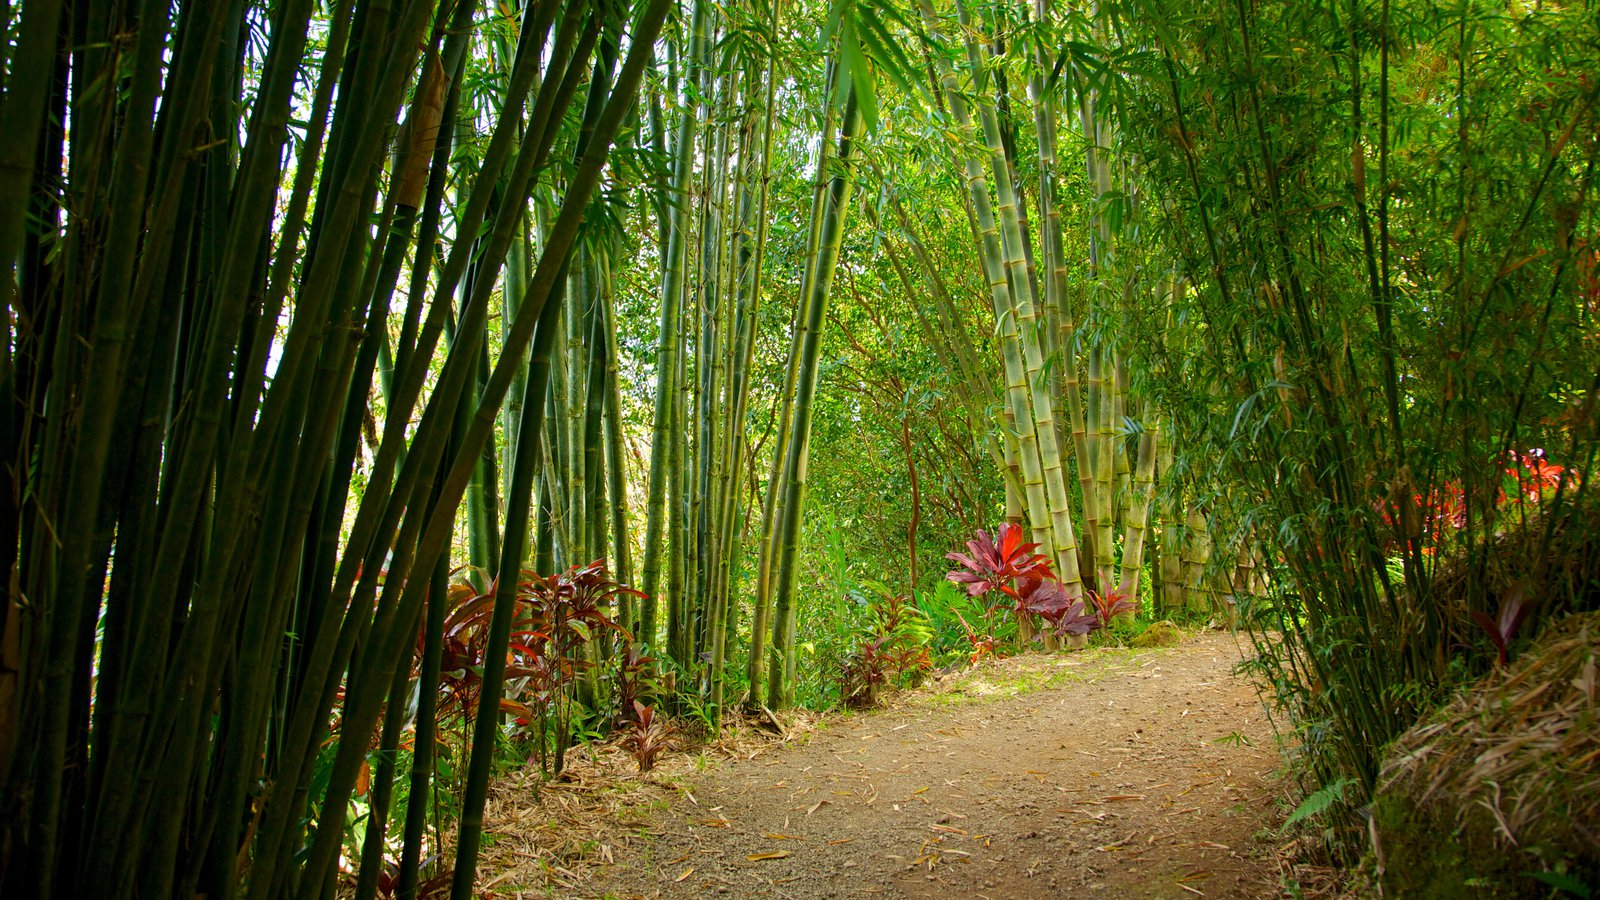 Maui caracterizando paisagem, cenas tropicais e um jardim